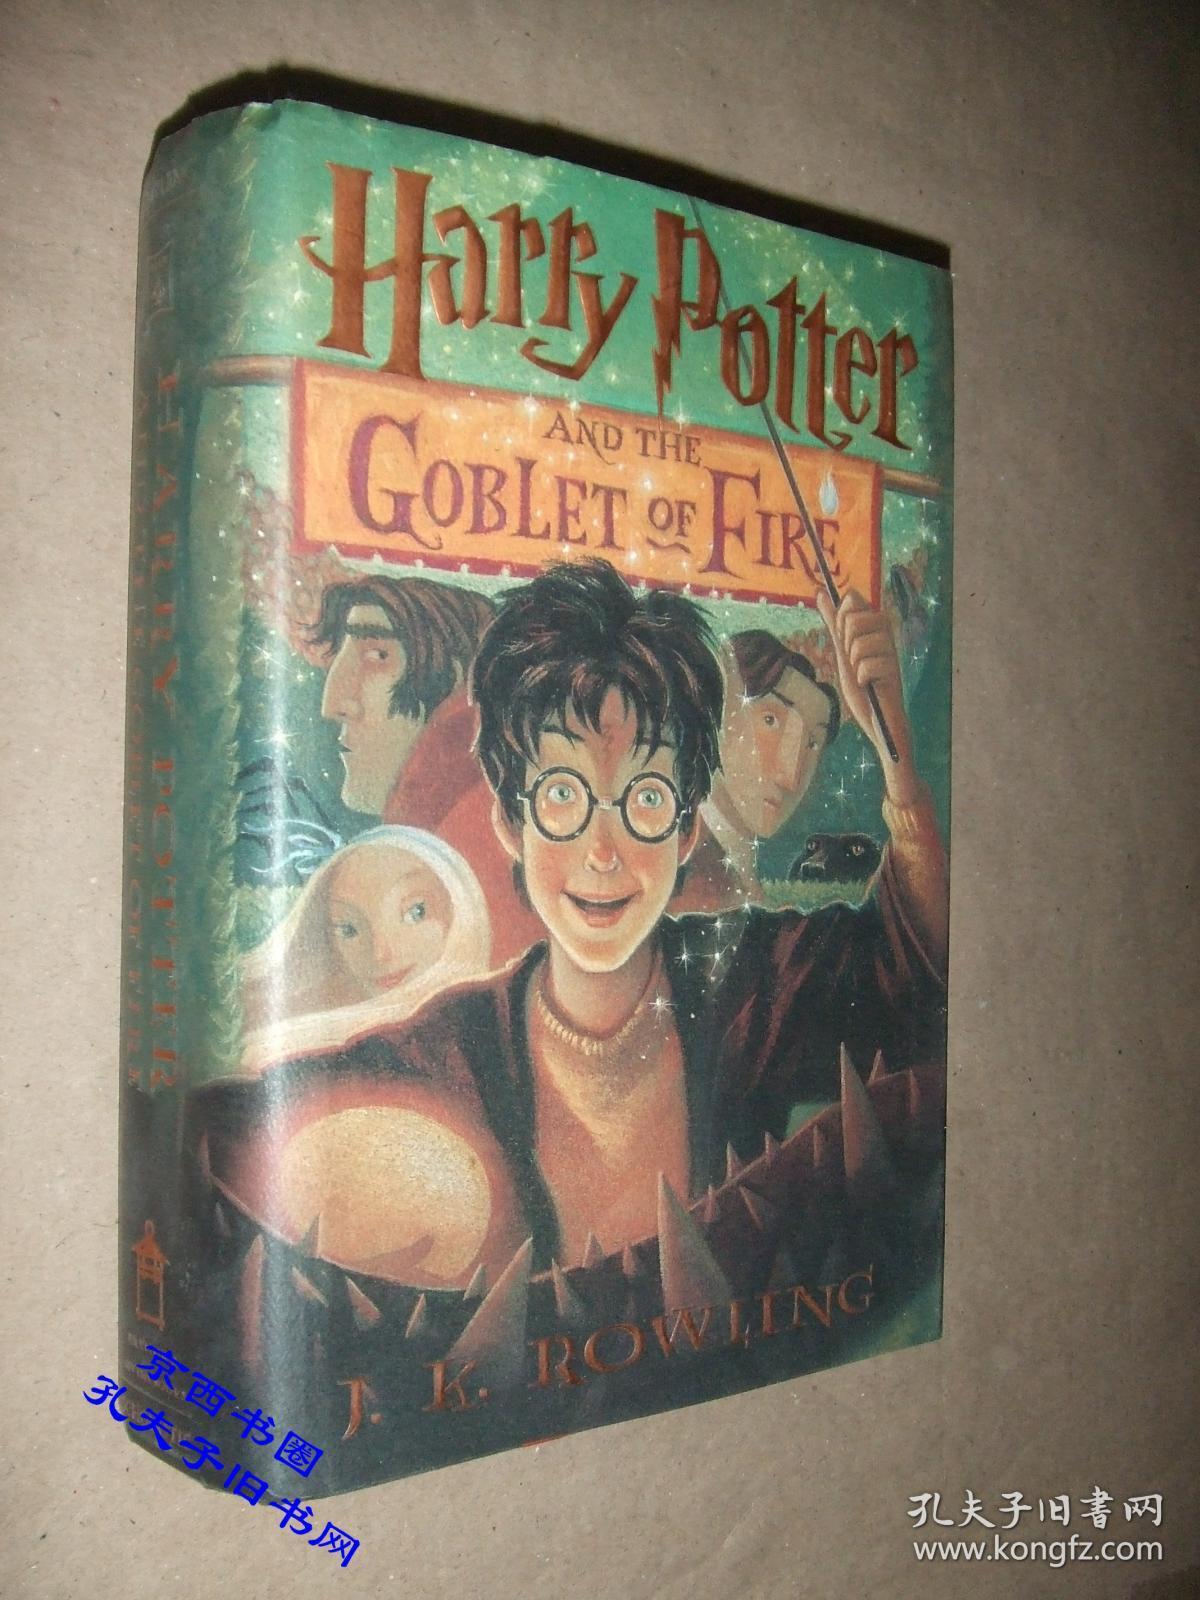 (英文版):哈利·波特与火焰杯 Harry Potter and the Goblet of Fire